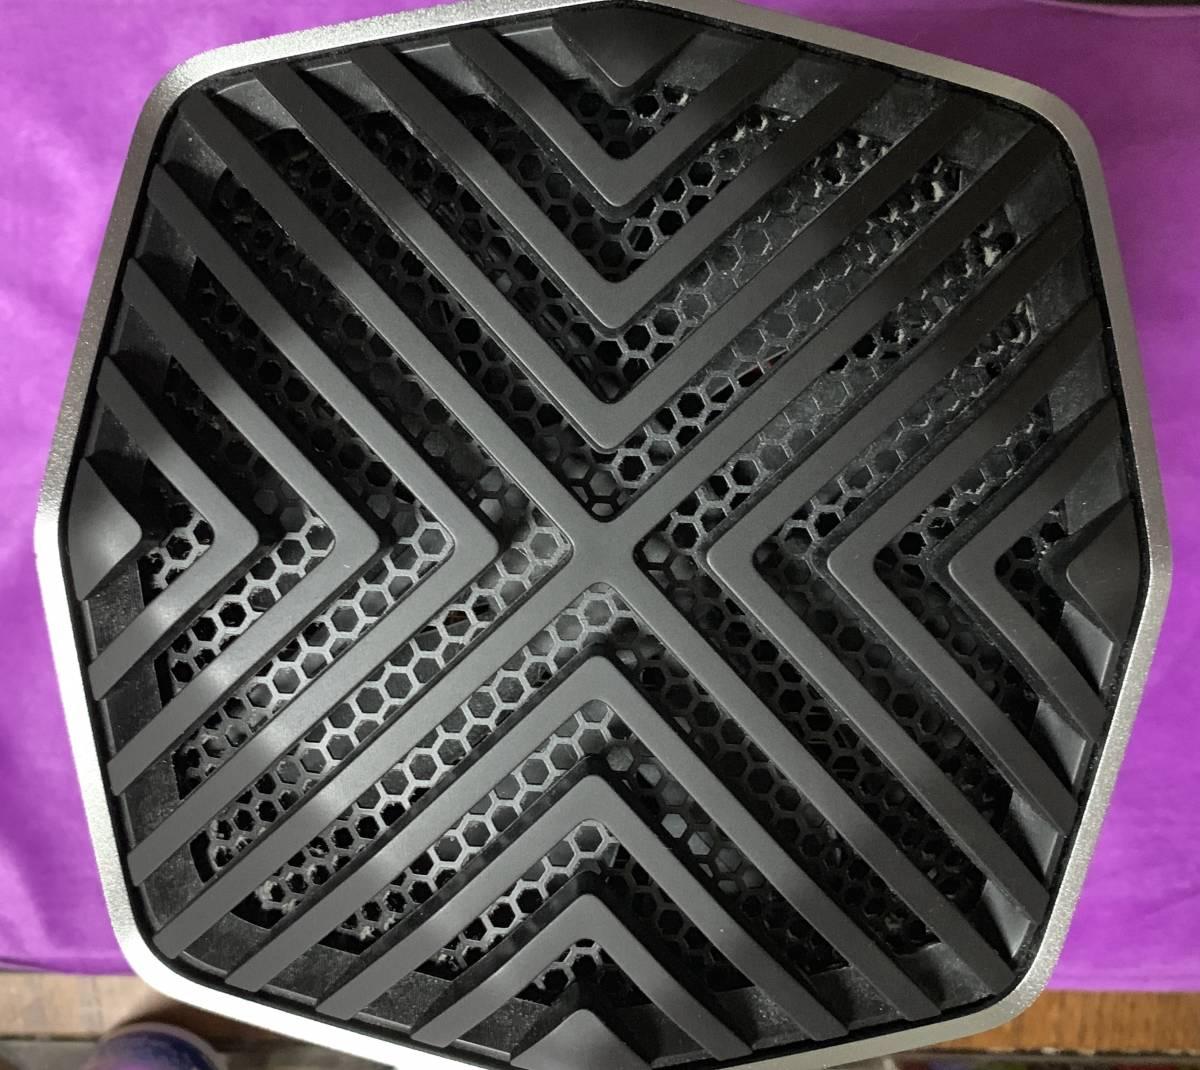 中古 Blackmagic eGPU (Radeon Pro 580)_画像3